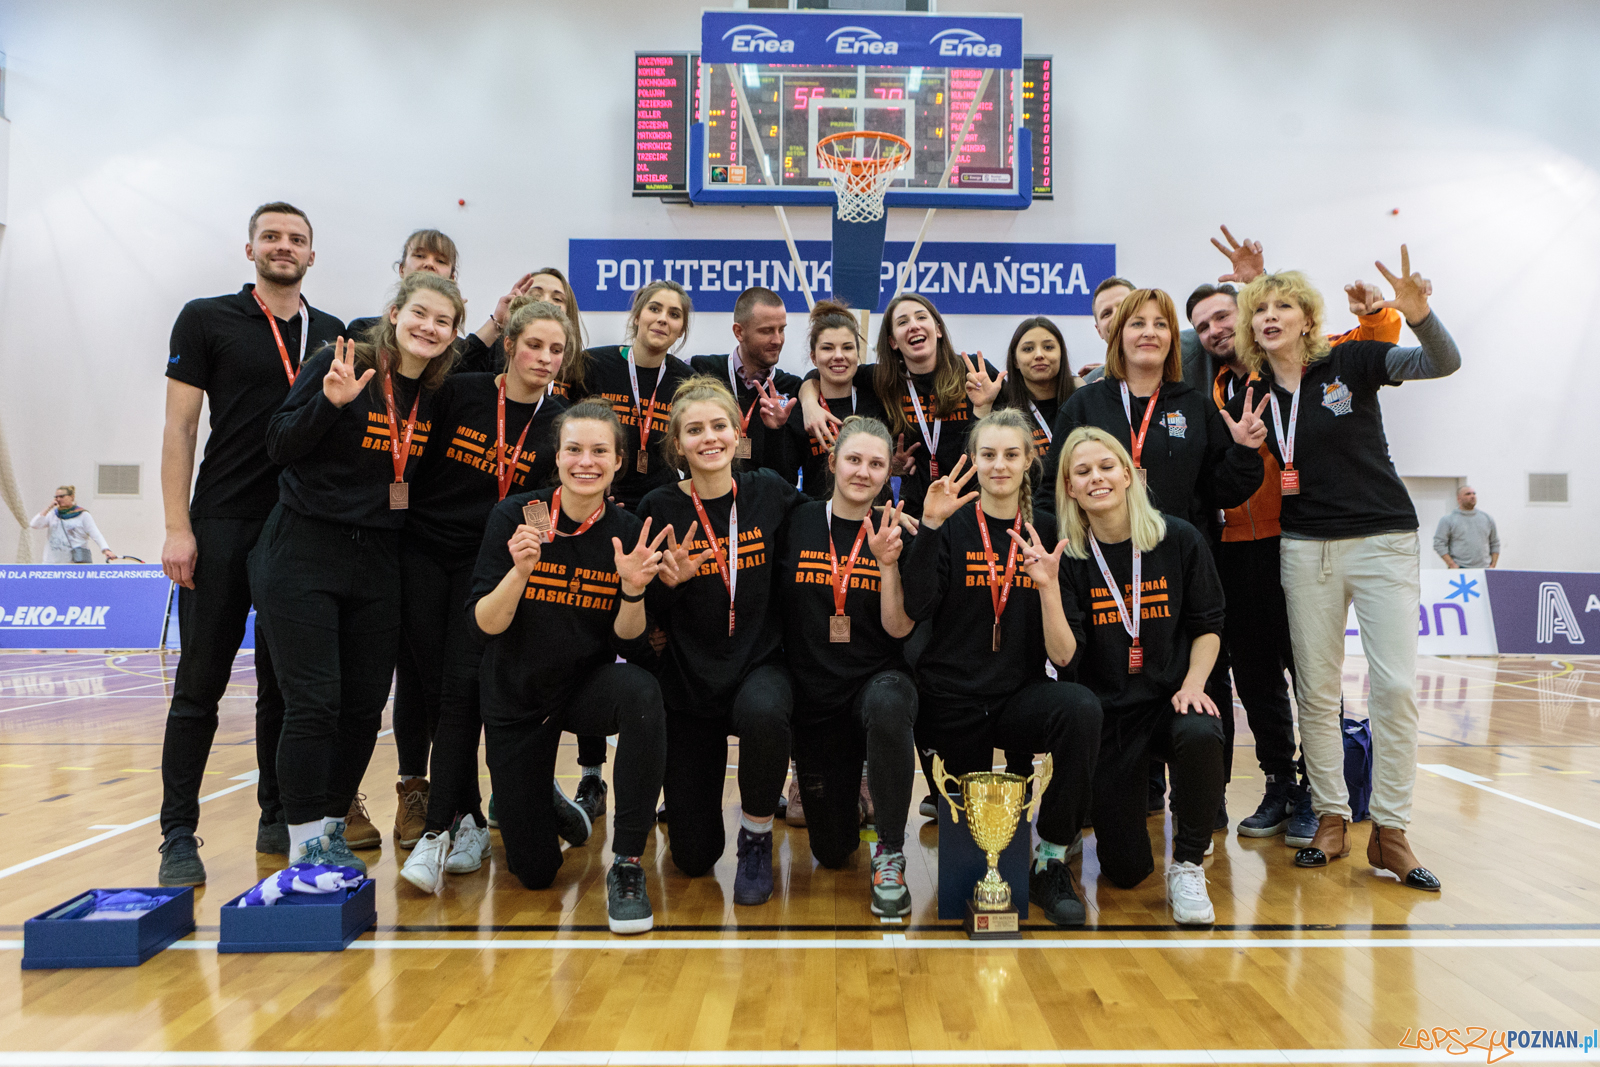 MP U22 - wręczenie pucharów finalisom turnieju - MUKS Poznań  Foto: LepszyPOZNAN.pl / Paweł Rychter